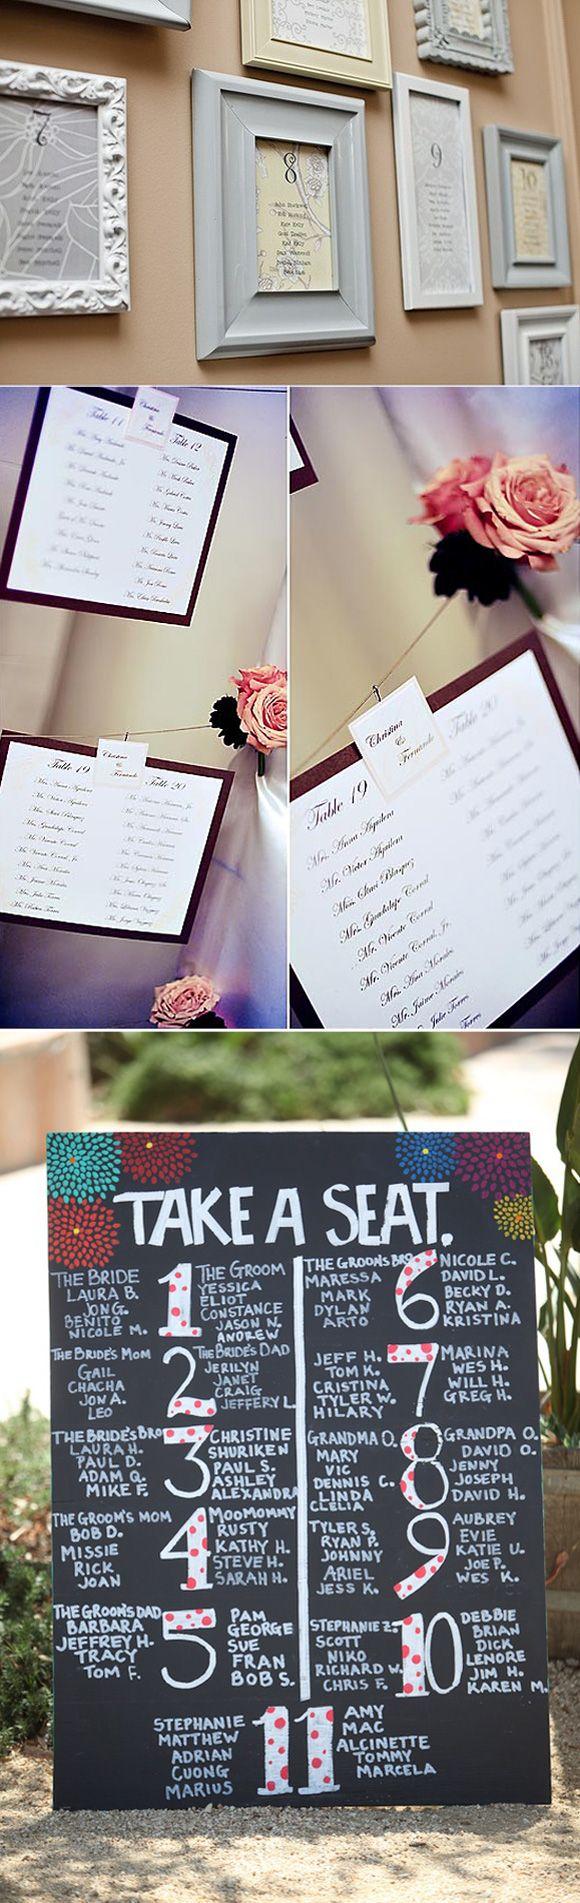 Ideas de como presentar las listas de invitados en tu boda de una manera original y sencilla con pizarras, marcos vintage, etiquetas, pinzas, etc.